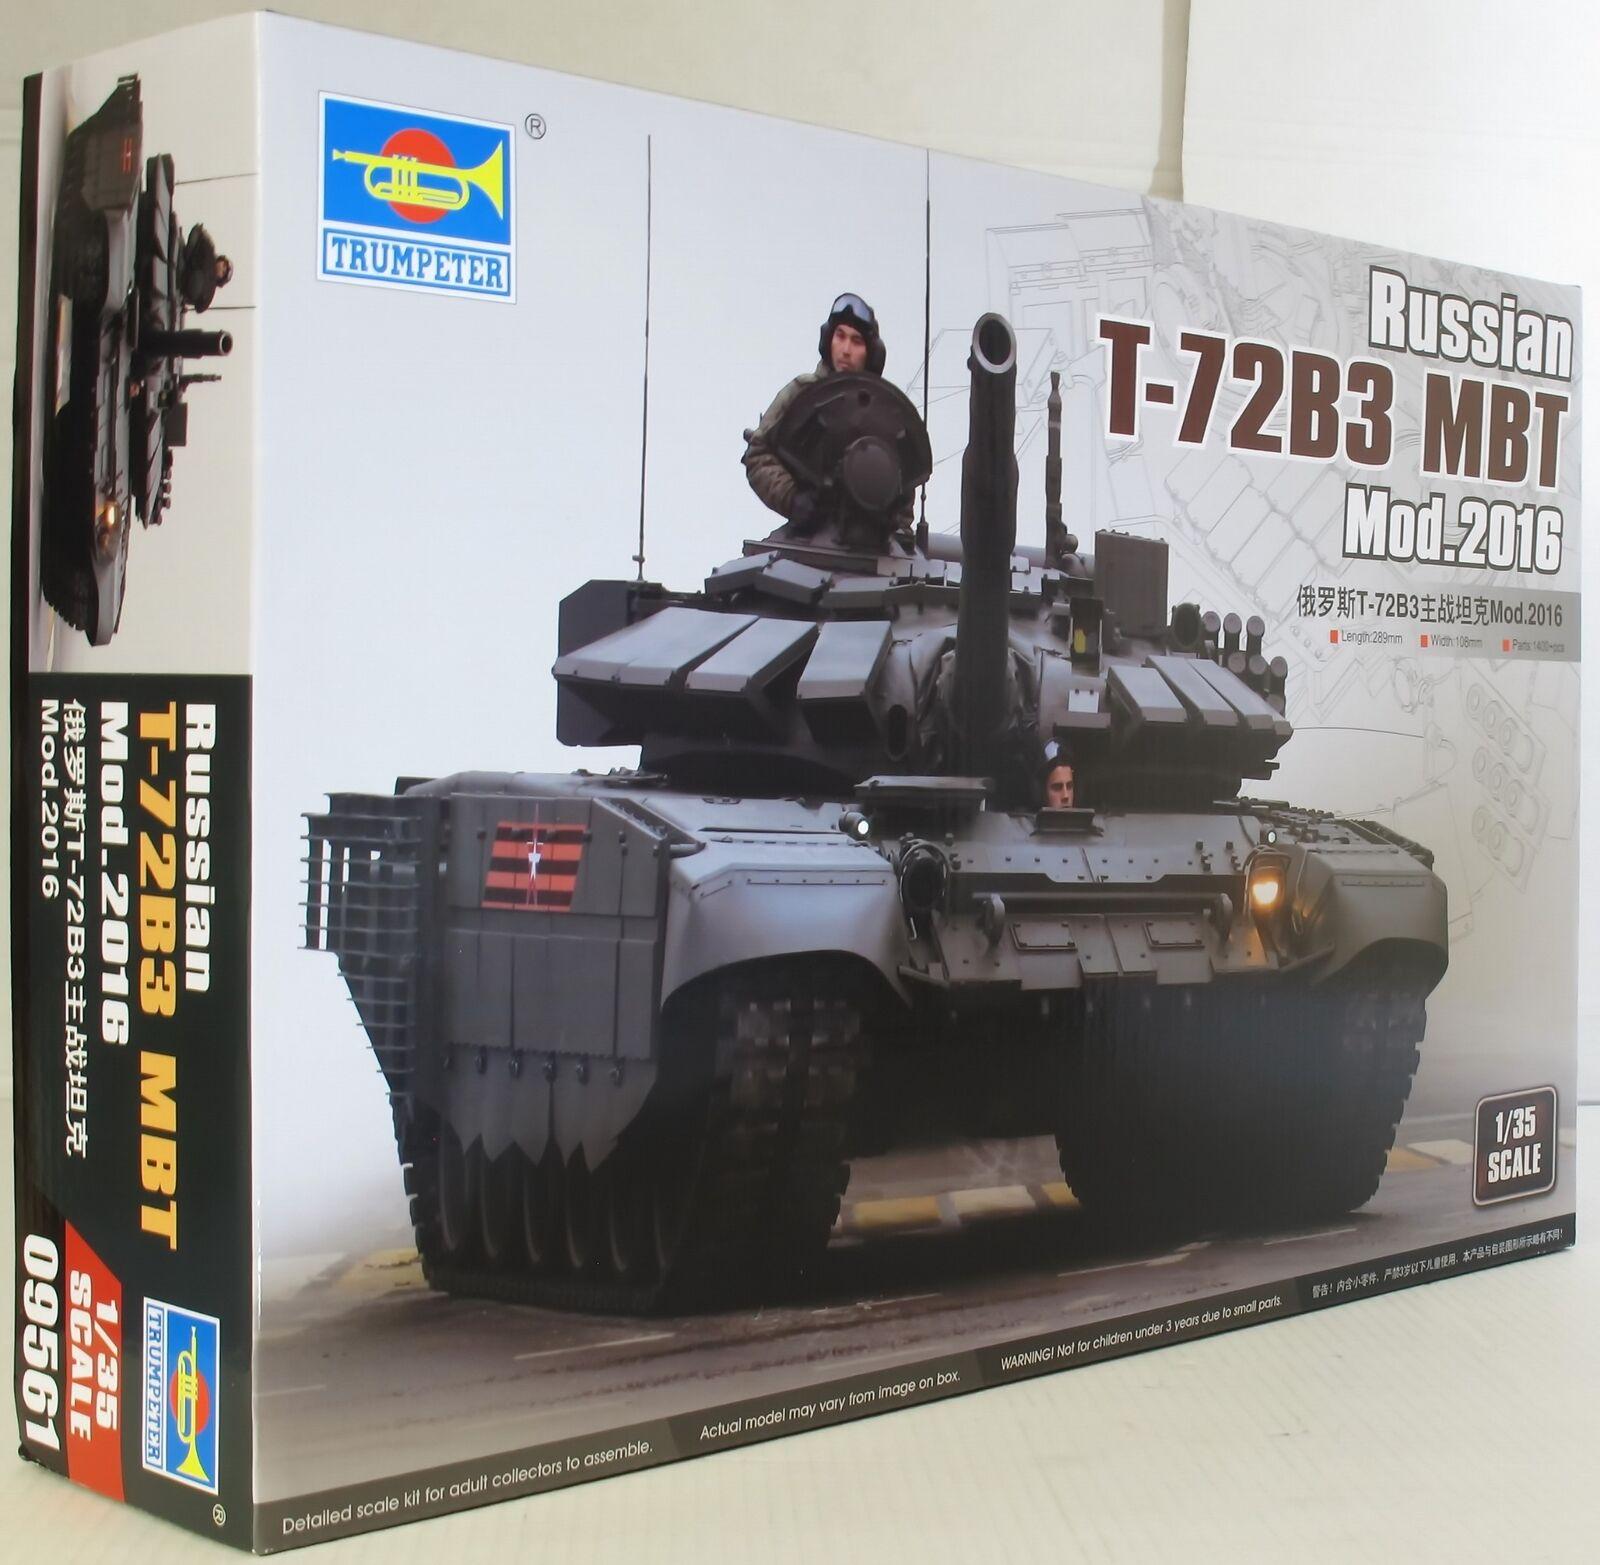 Trumpeter 1 35 09561 Russian T-72B3 MBT Mod 2016 Military Model Kit